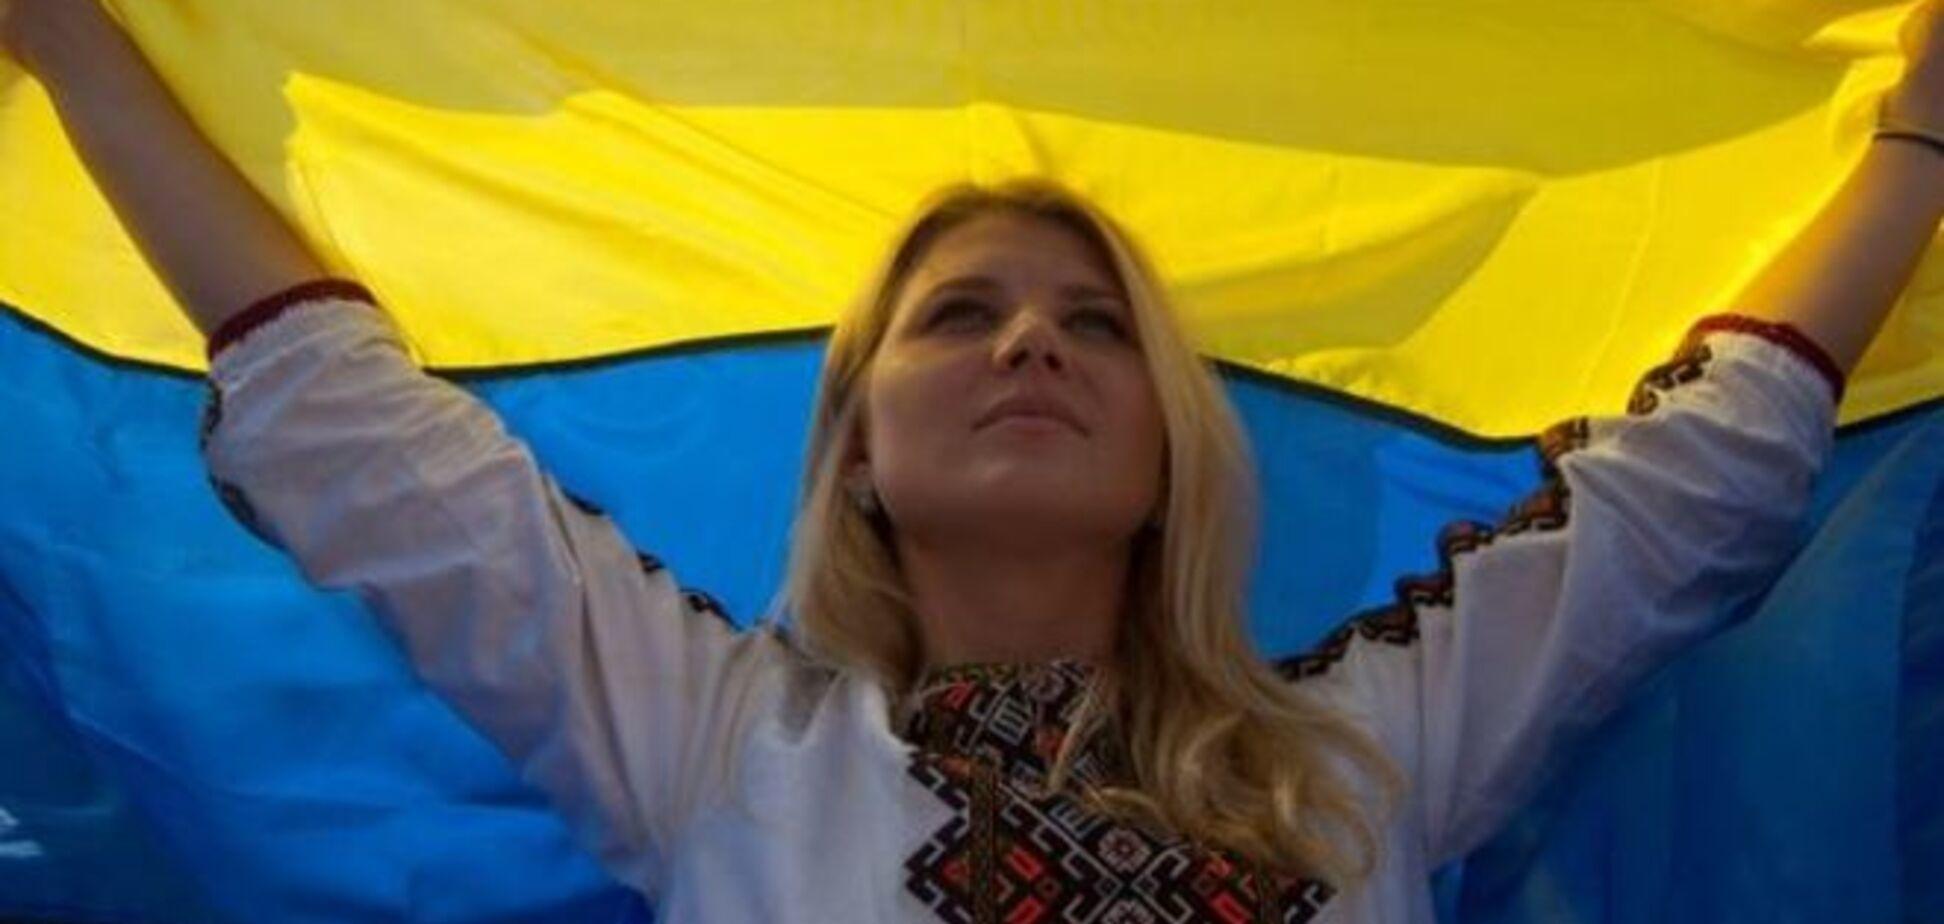 З'явився новий вид шахрайства: злочинці 'тиснуть' на патріотизм і співчуття українців